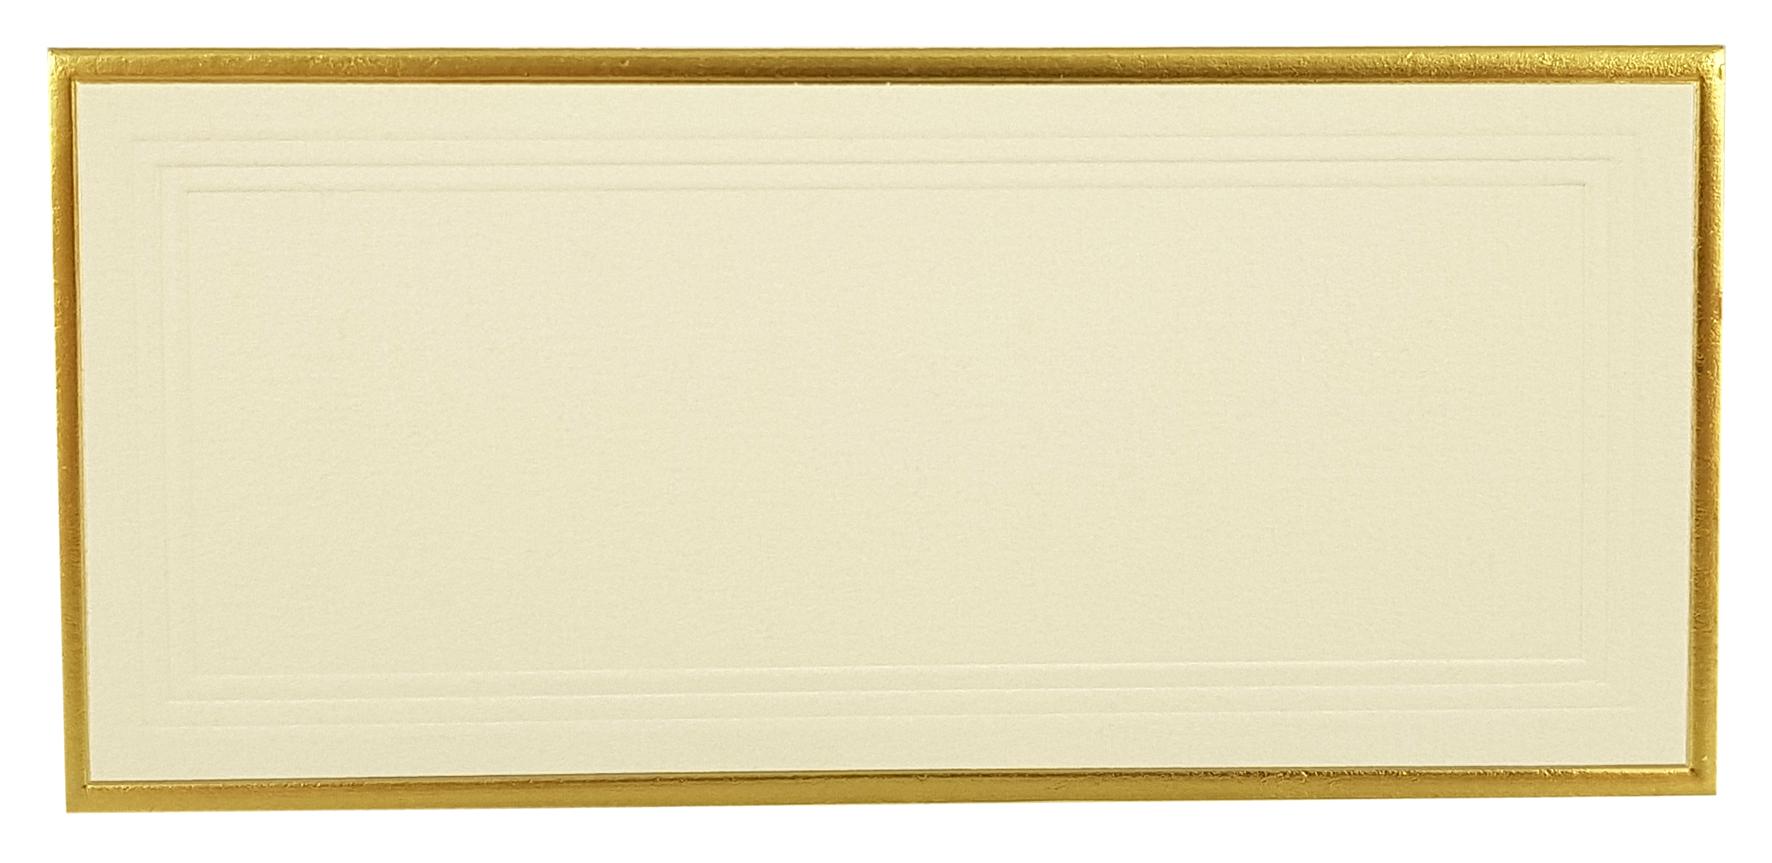 Marque-place ivoire, contour doré. Réf. 215